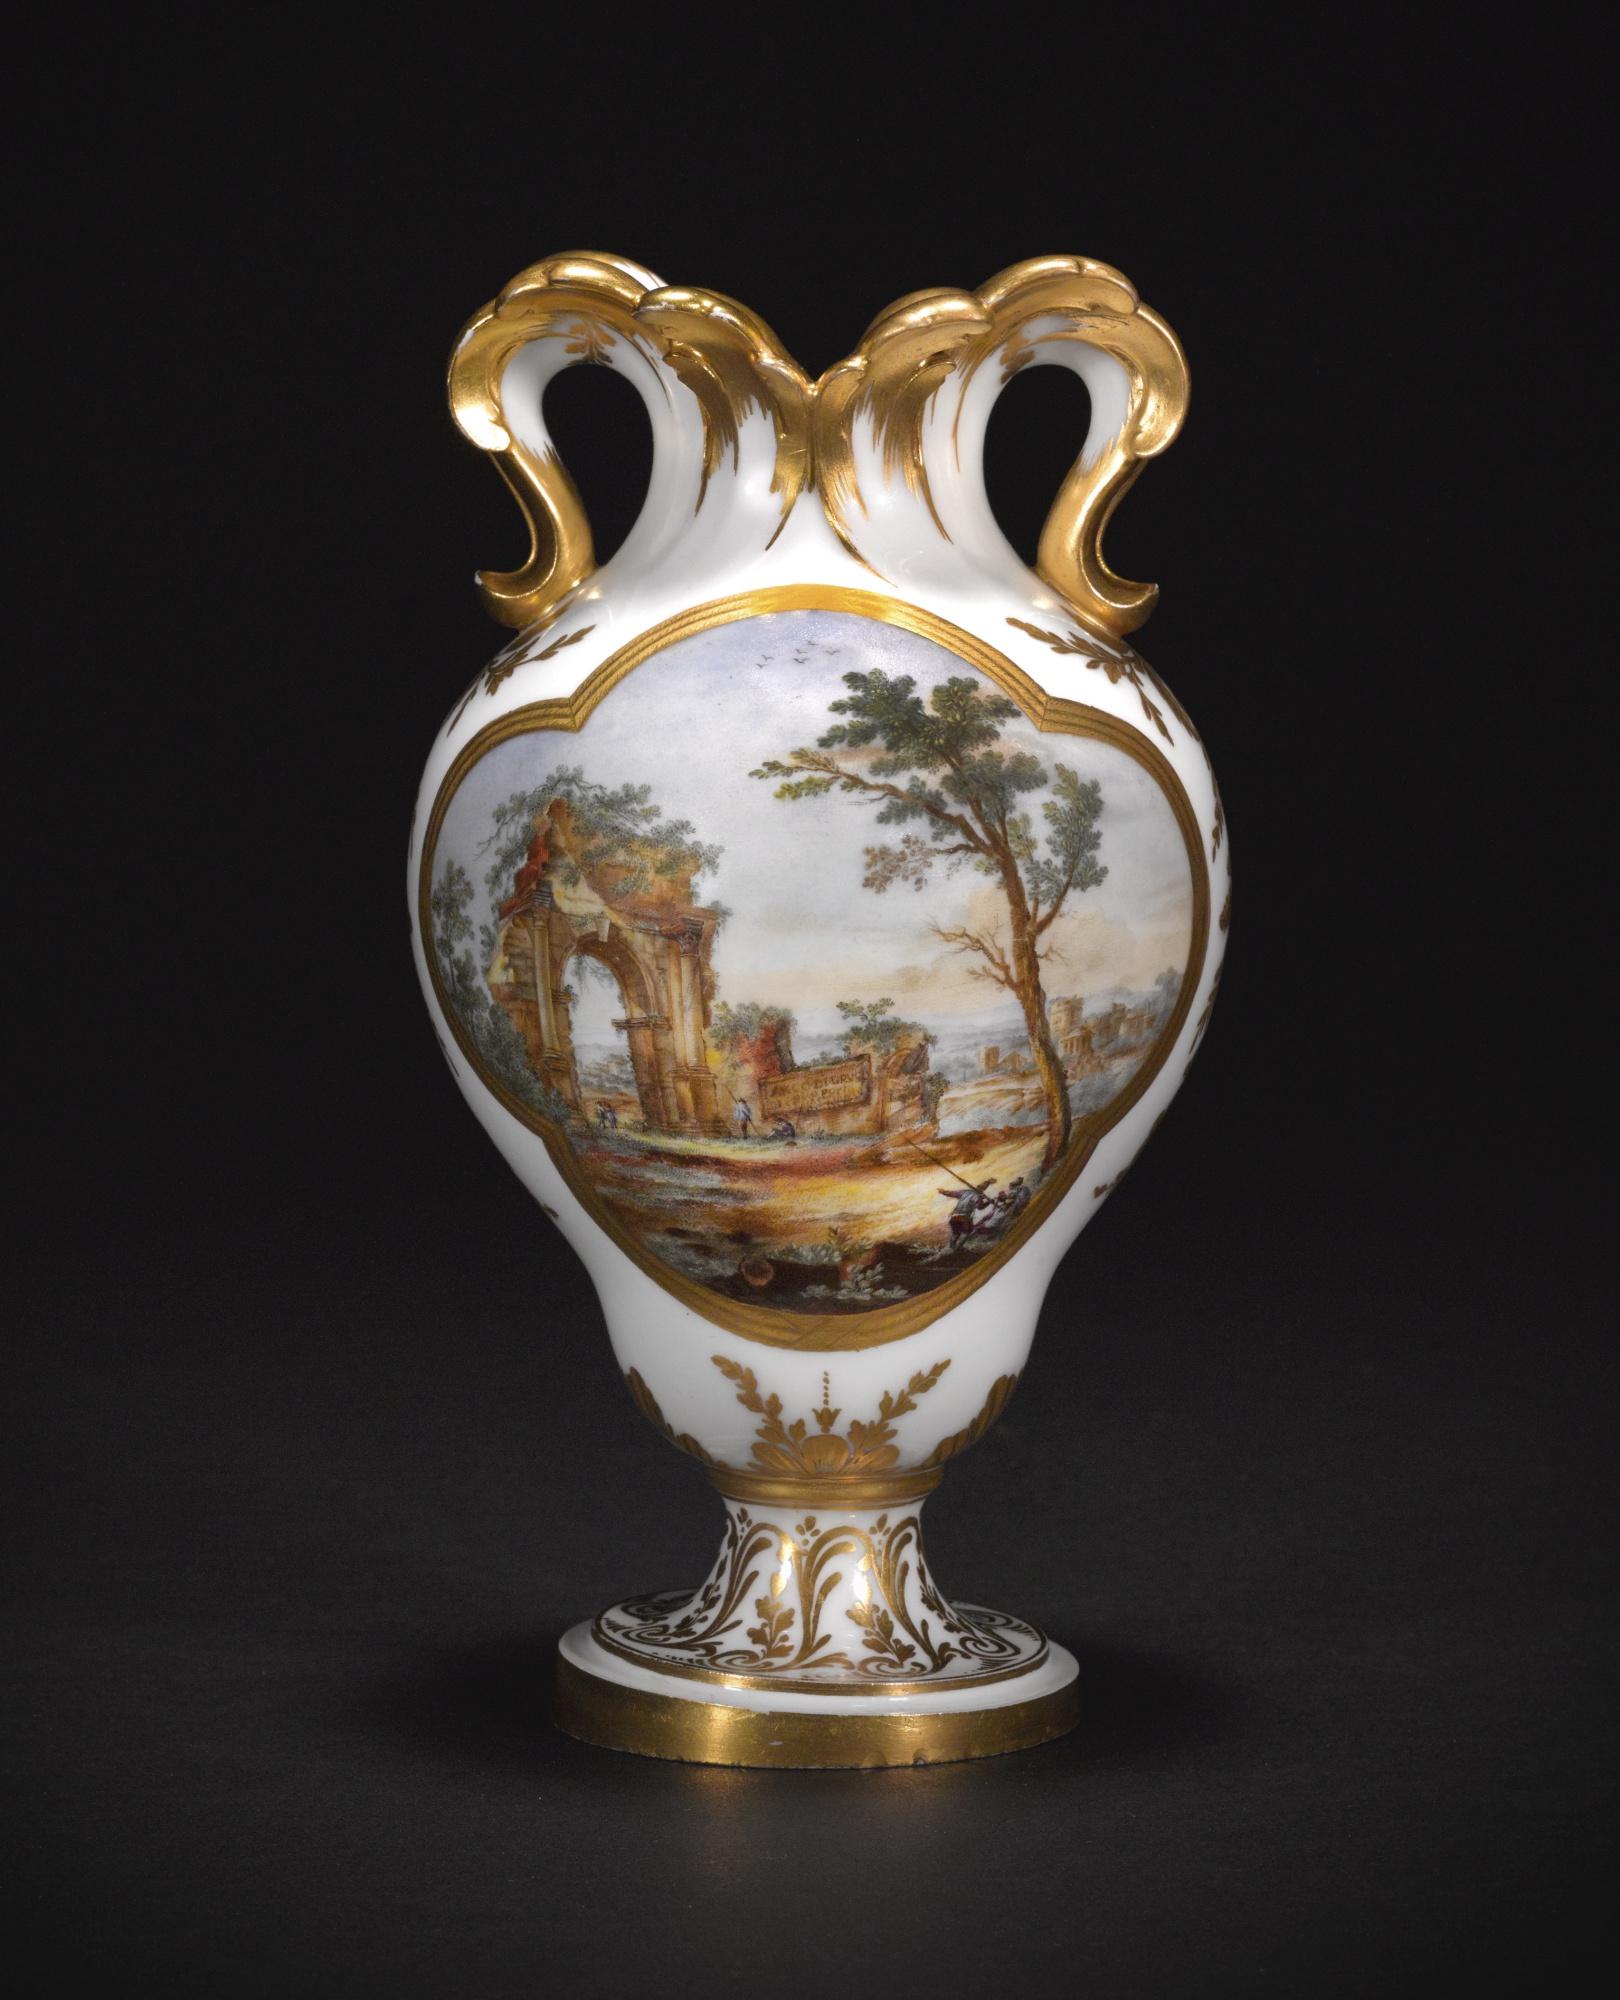 Fand für 100.000 GBP einen neuen Besitzer: Eine Vase aus dem Besitz Marie Antoinettes   Foto: Sotheby's